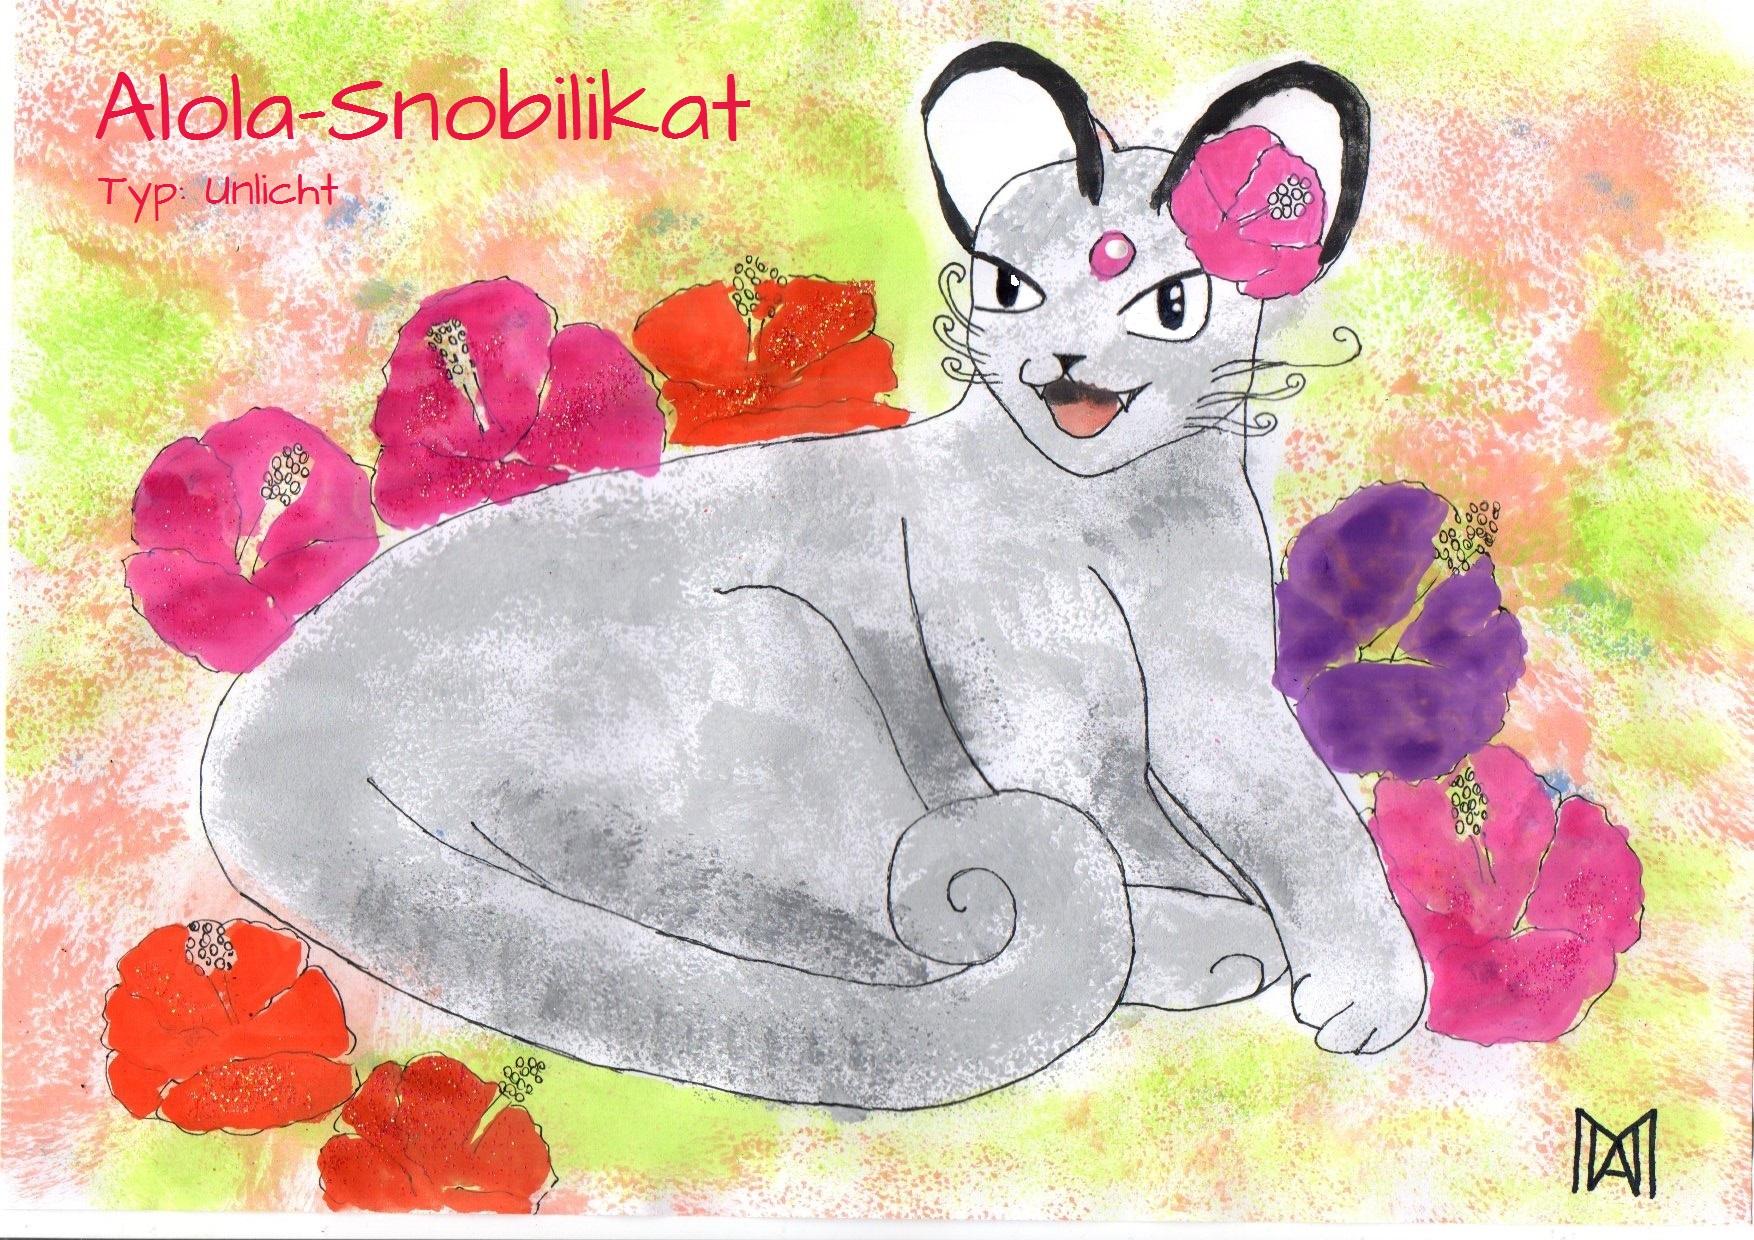 Pokémon-Zeichnung: Challenge/21 Alola-Snobilikat